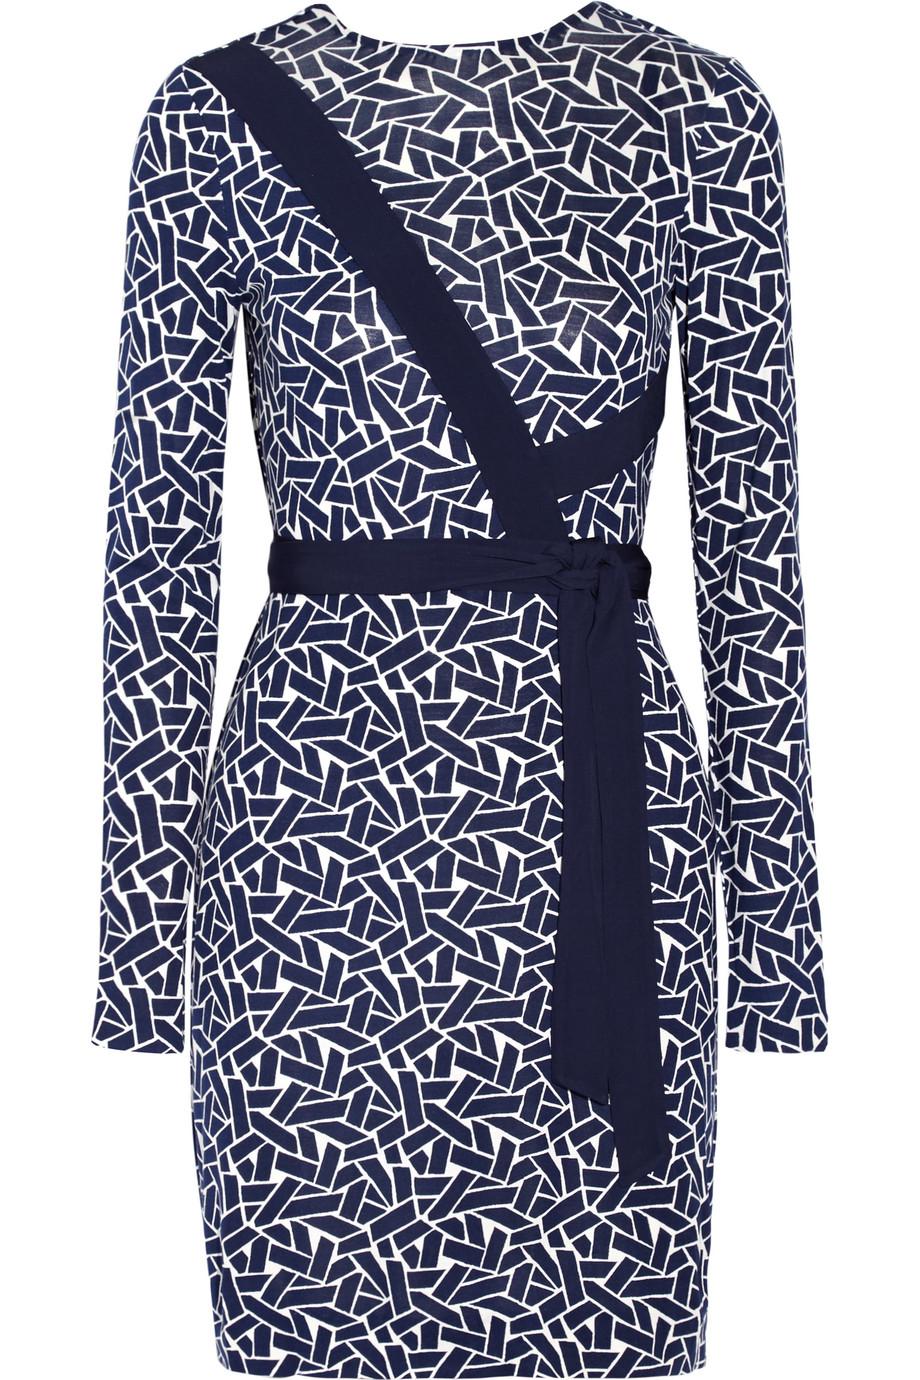 Diane Von Furstenberg Vienna Reversible Printed Silk-Jersey Wrap Dress, Navy, Women's - Printed, Size: 0